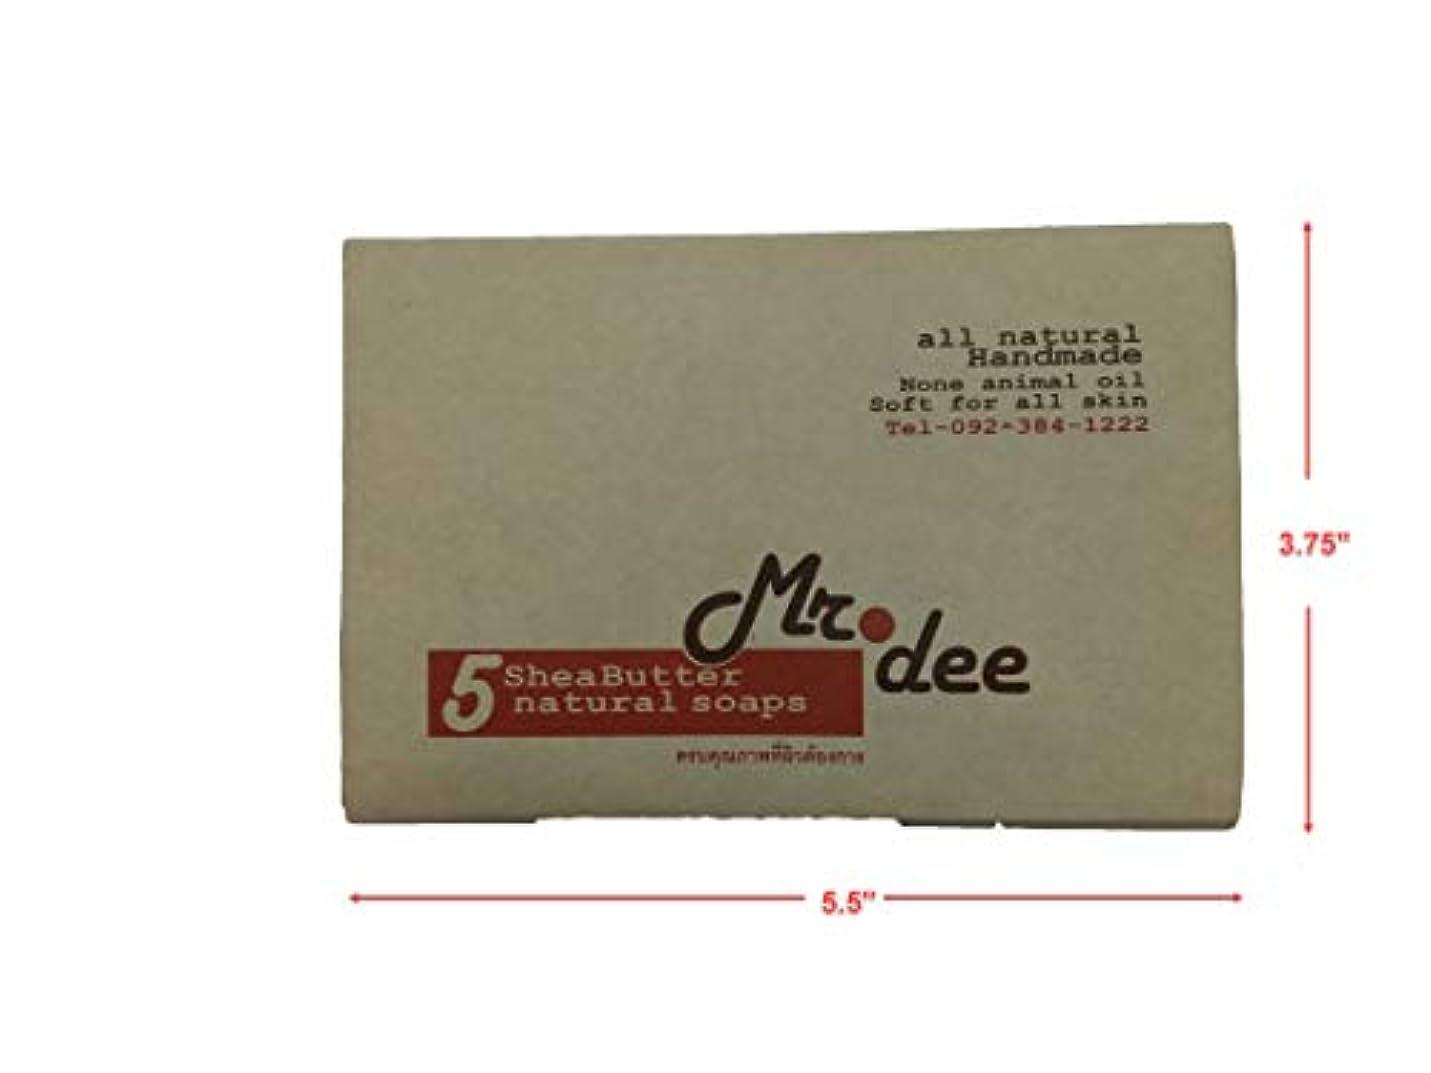 絞る不定床「Mr.Dee」100%ナチュラルソープバーノンケミカルシアバタースムースアロマコーヒースクラブパック5バー(100グラム/バー)